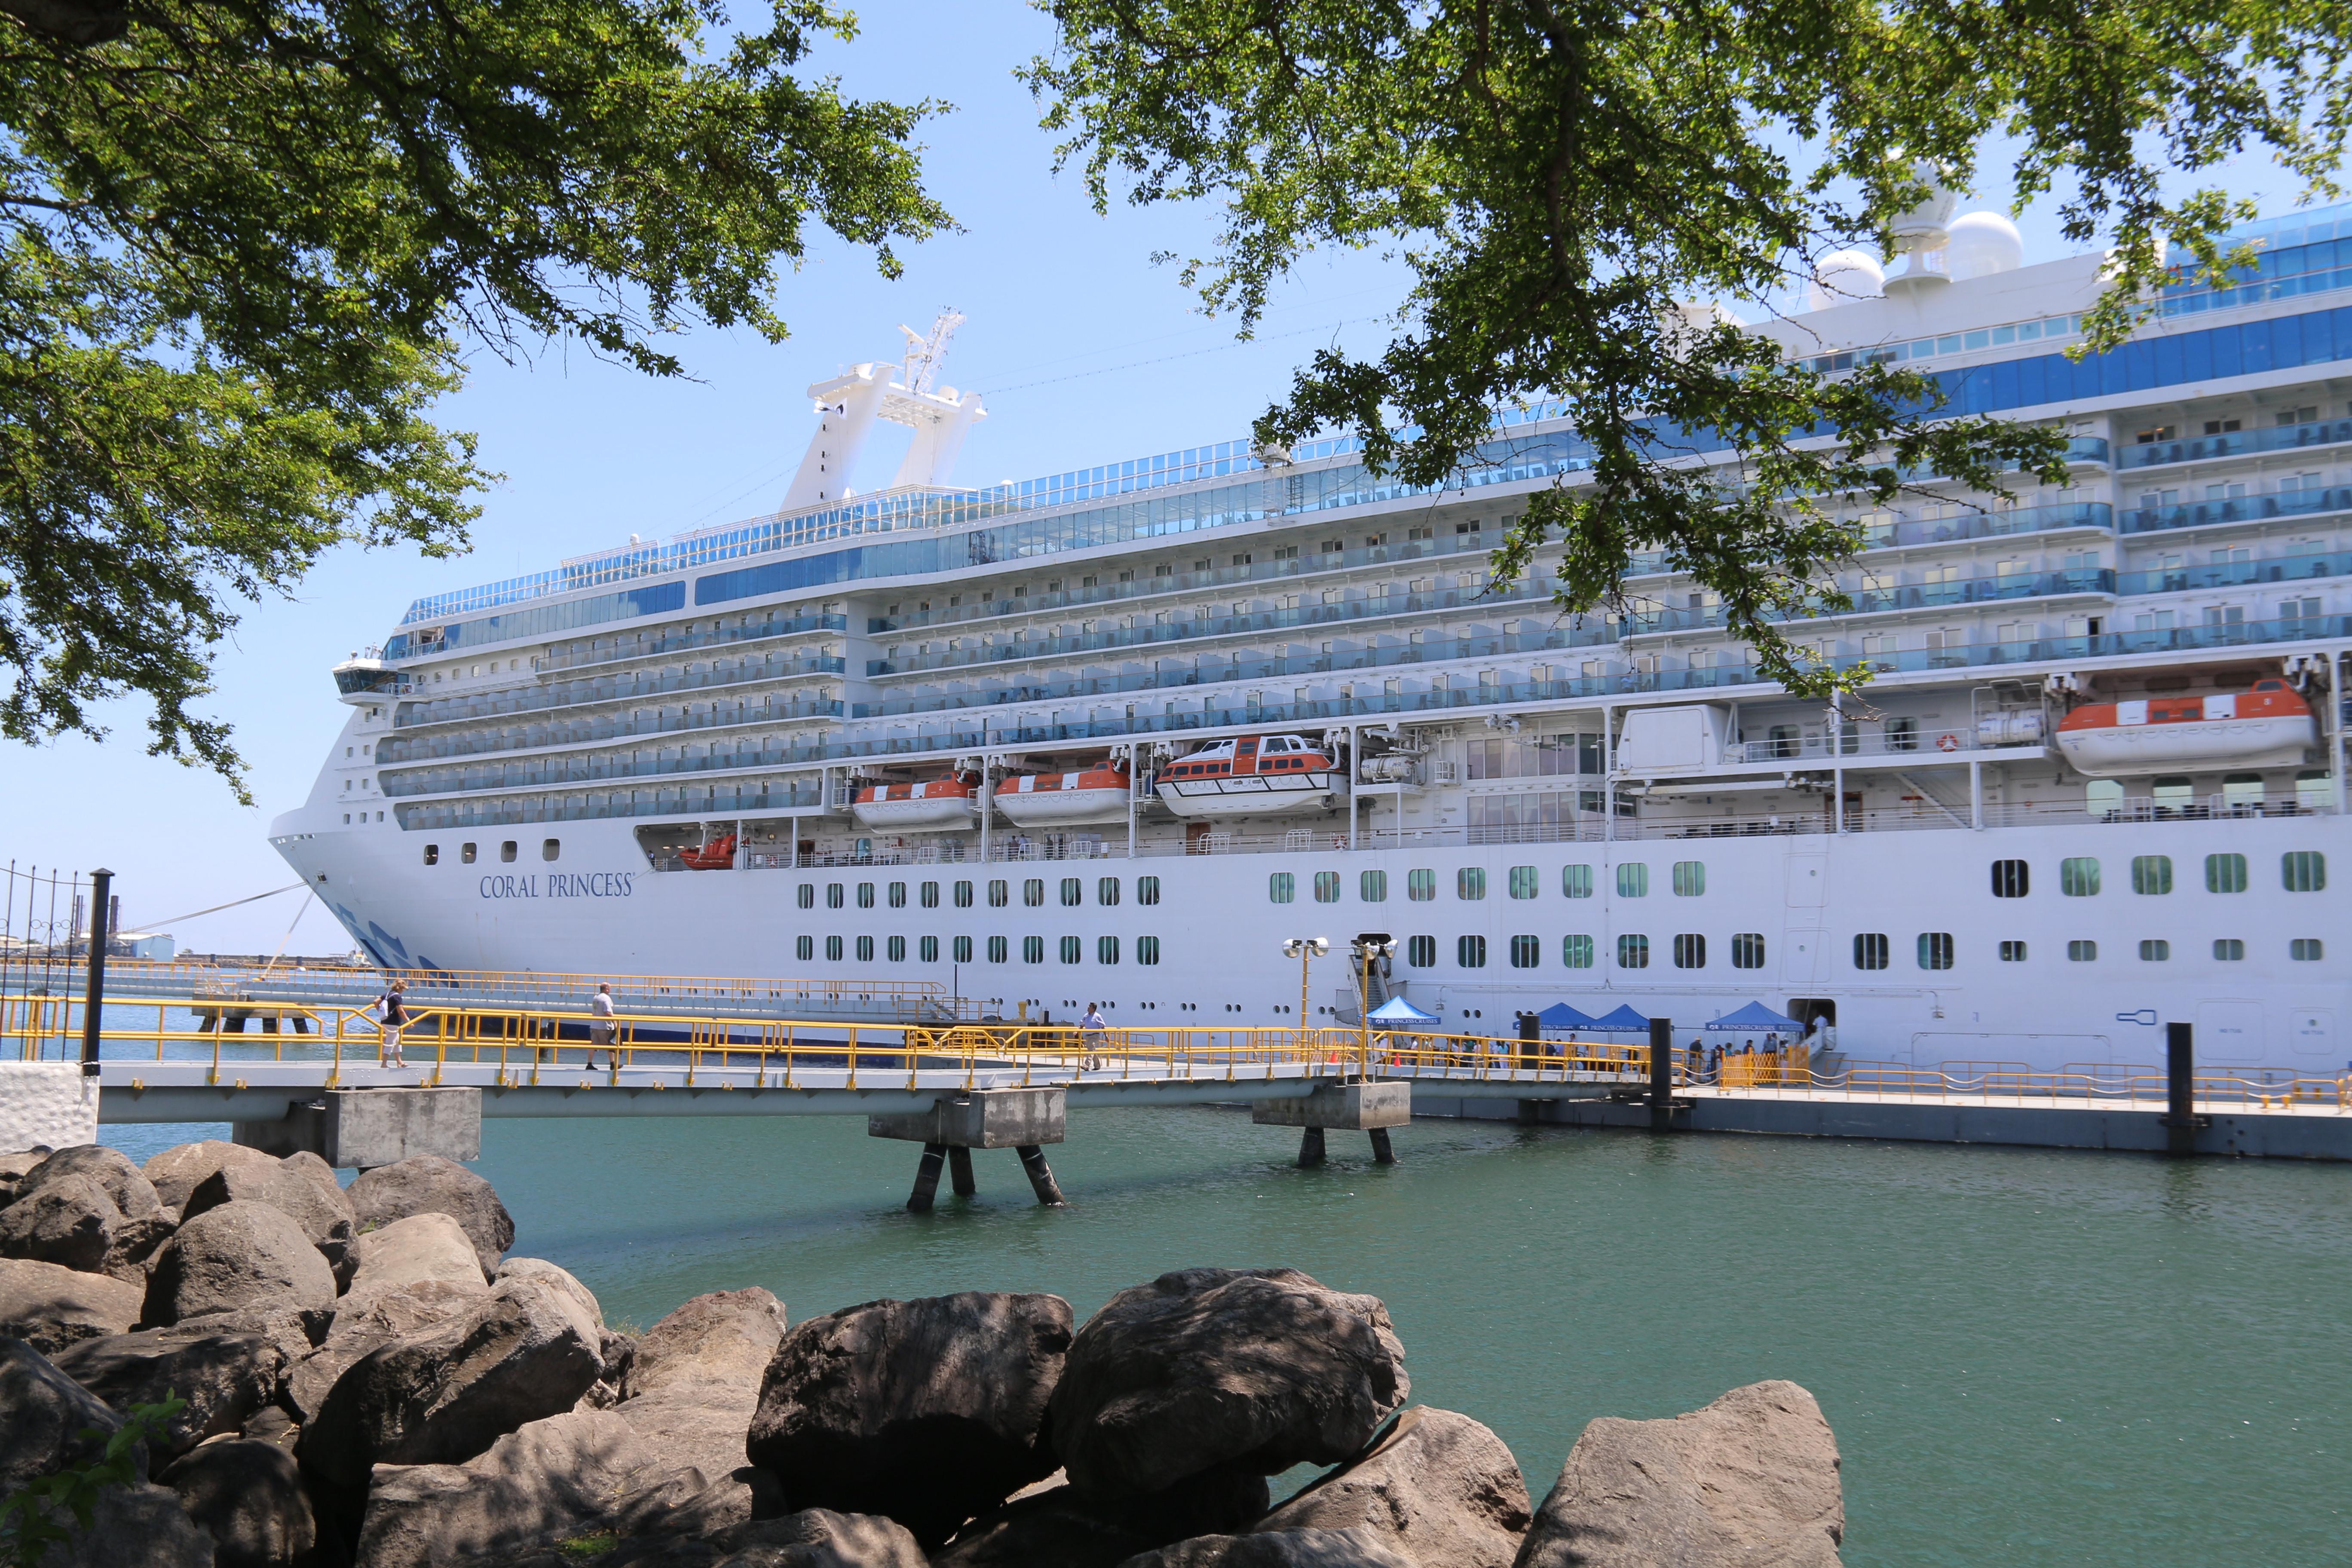 Guatemala recibirá 98 cruceros